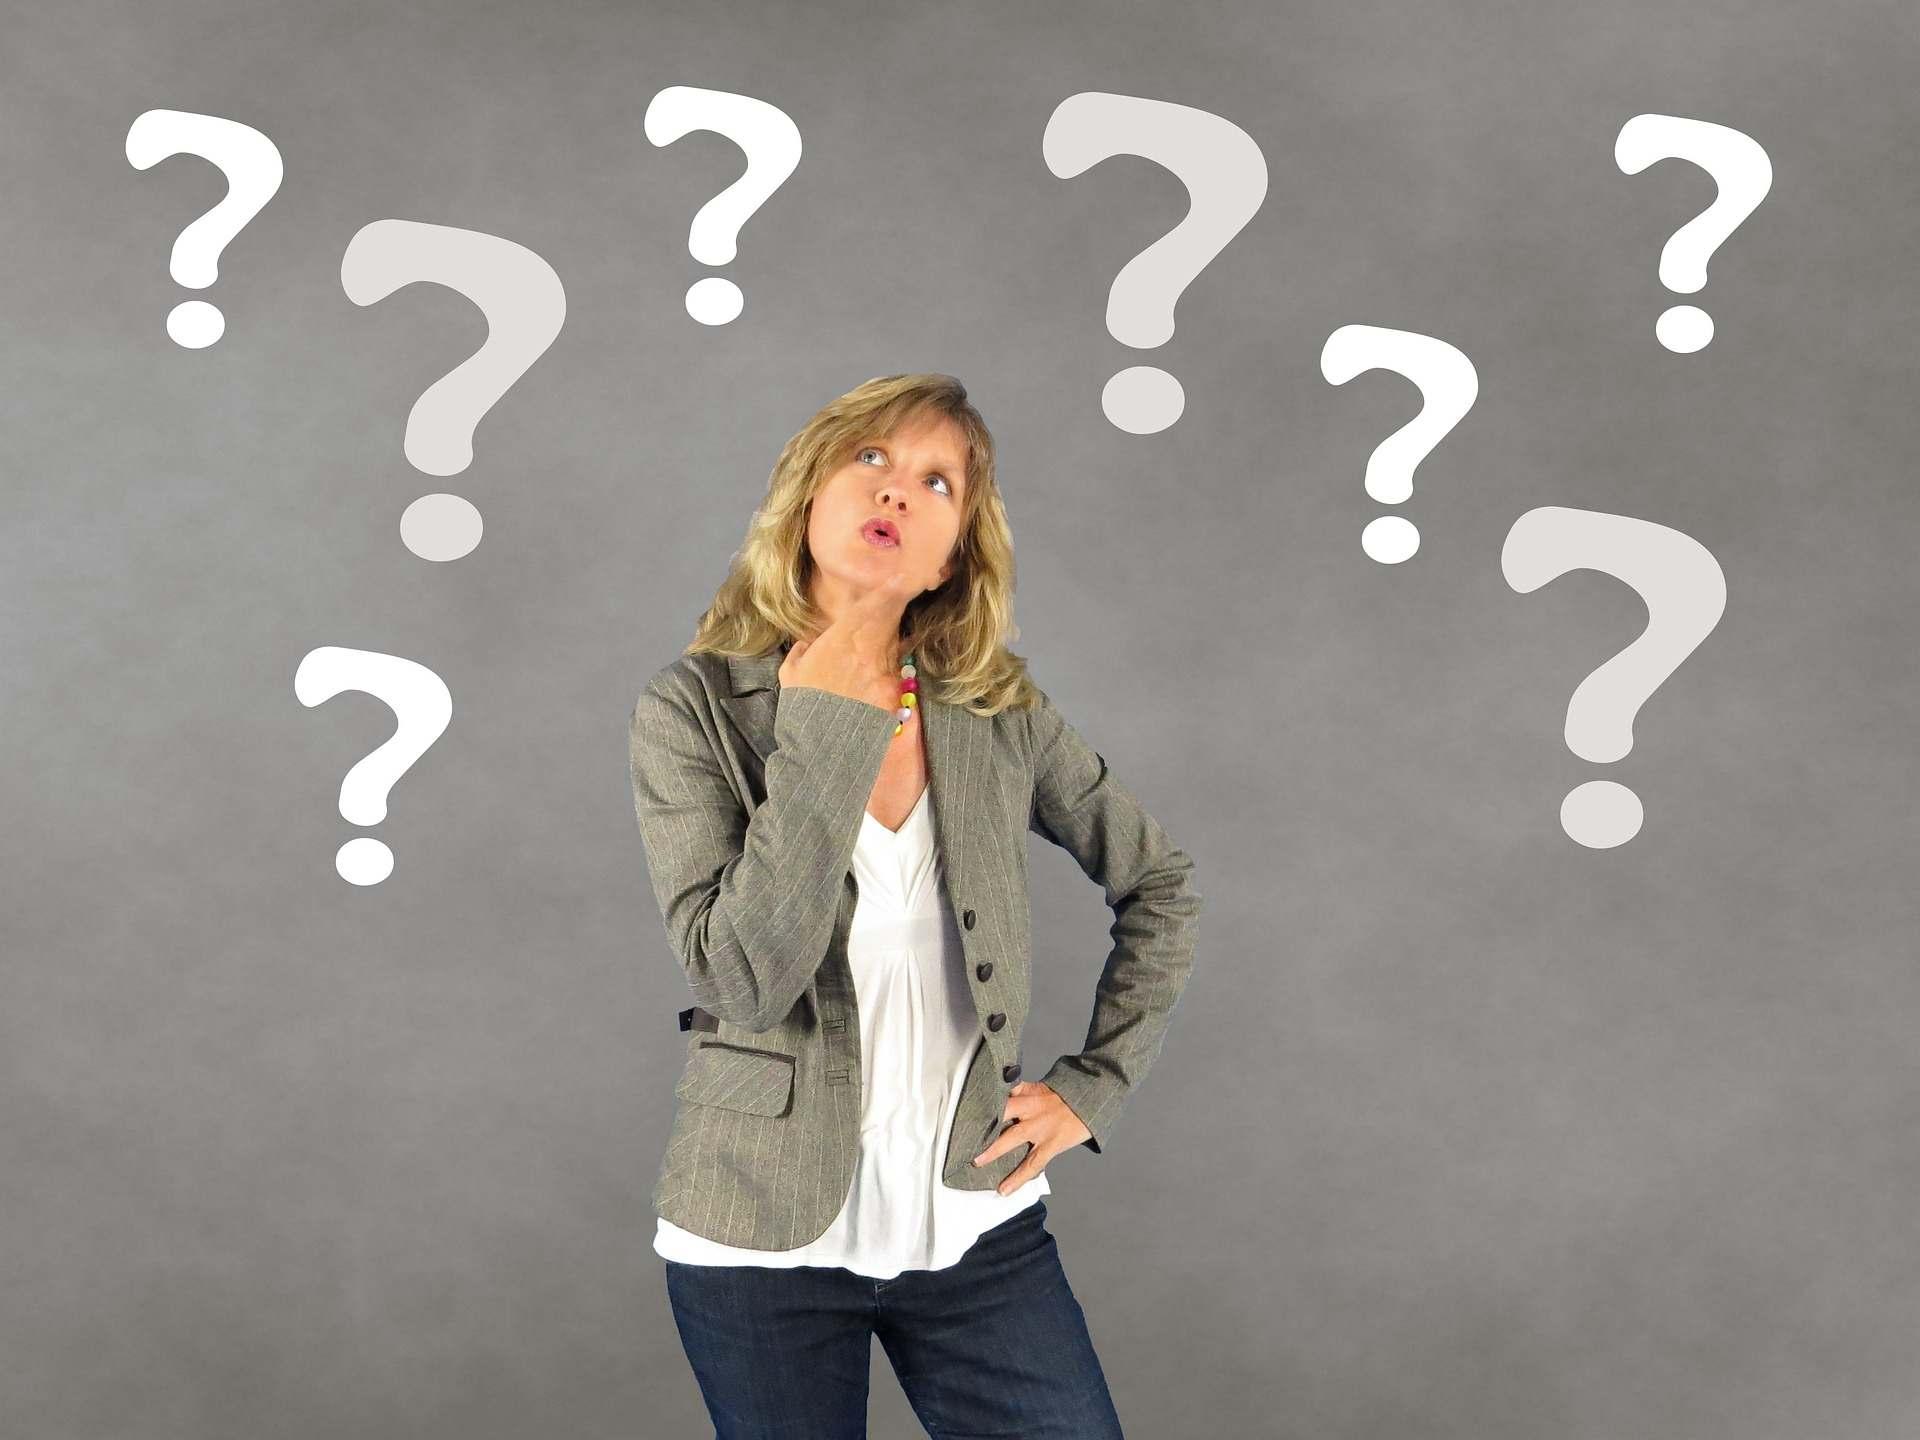 TESZT: Extrovertált vagy introvertált személyiség vagy?